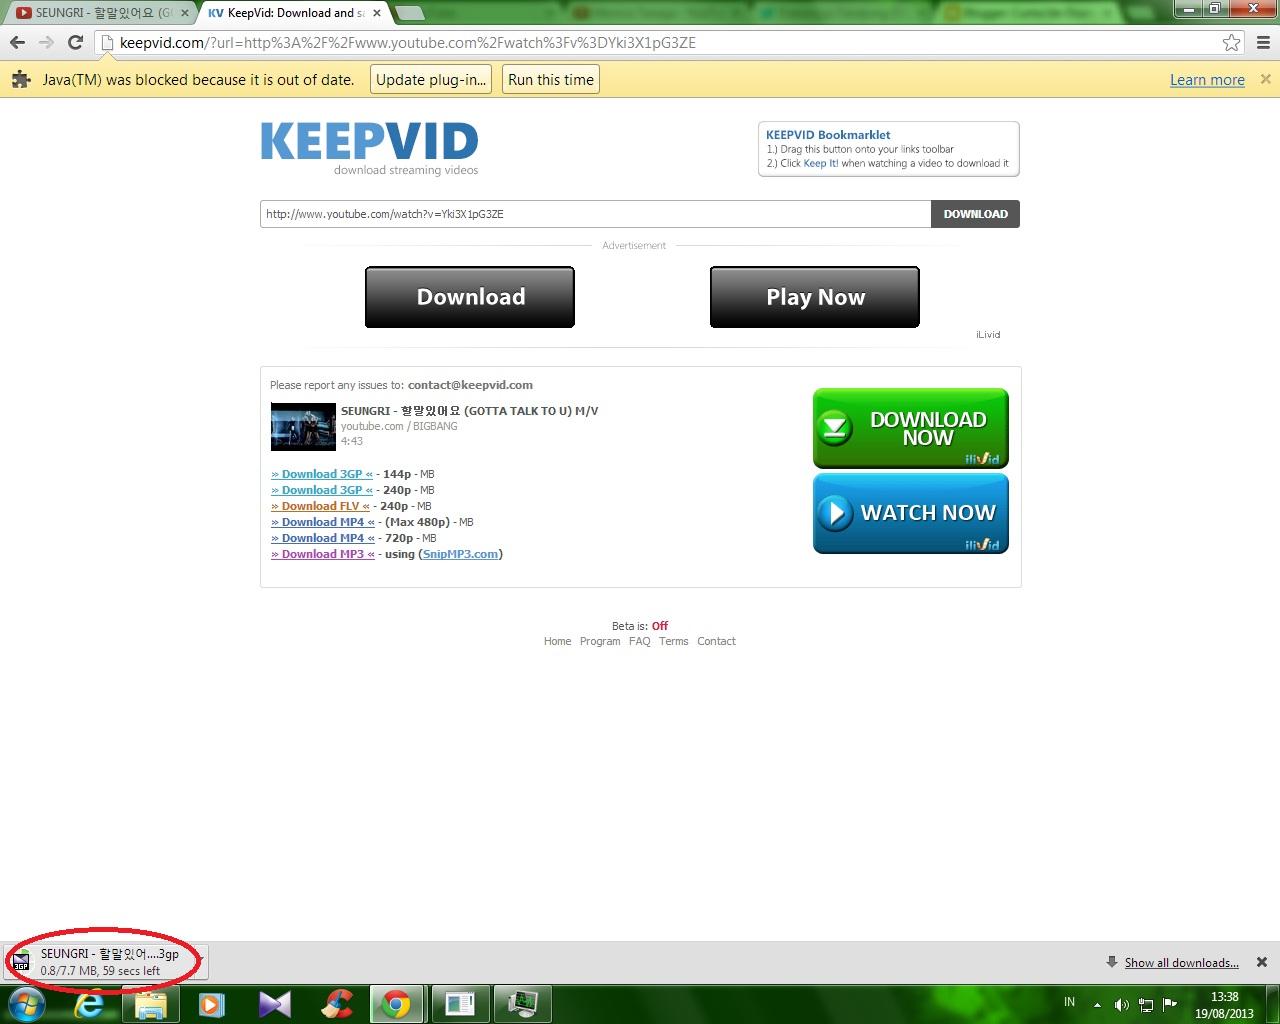 download video di youtube selain keepvid